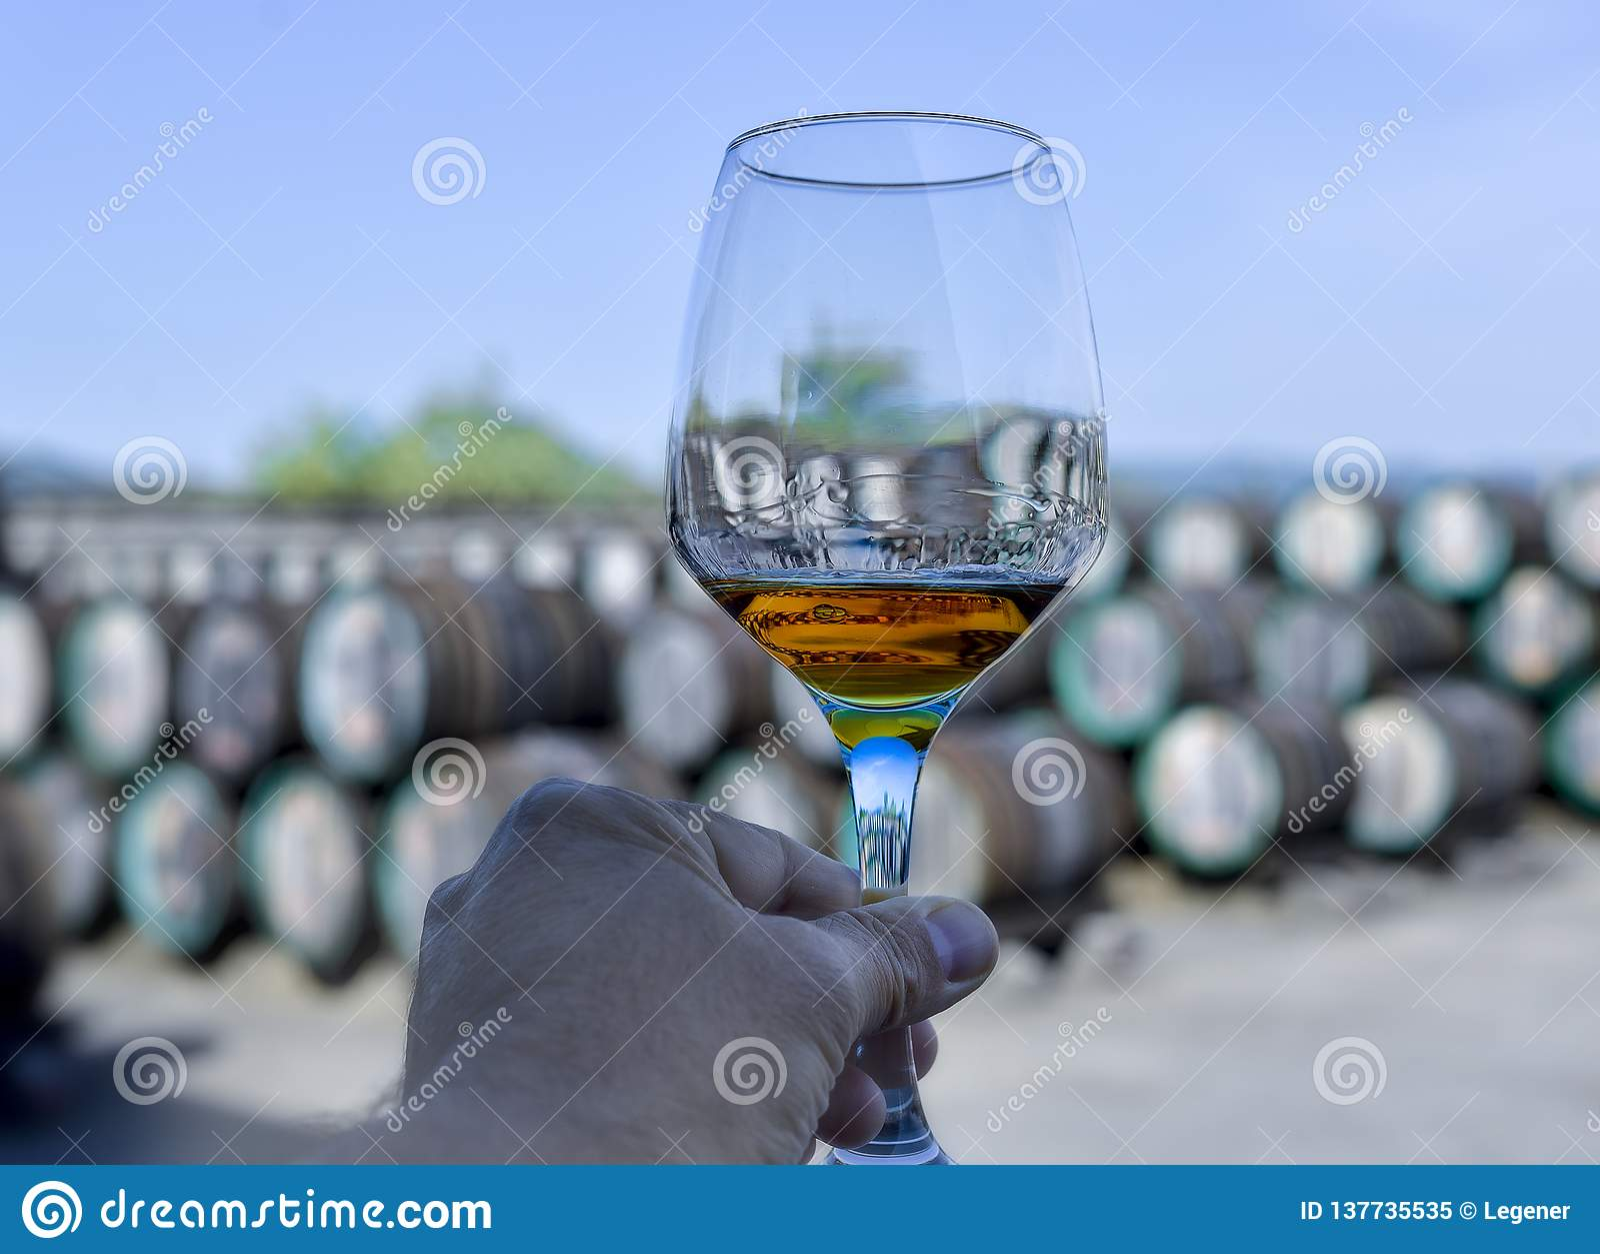 Main de Sommelier tenant un verre avec du vin à l intérieur